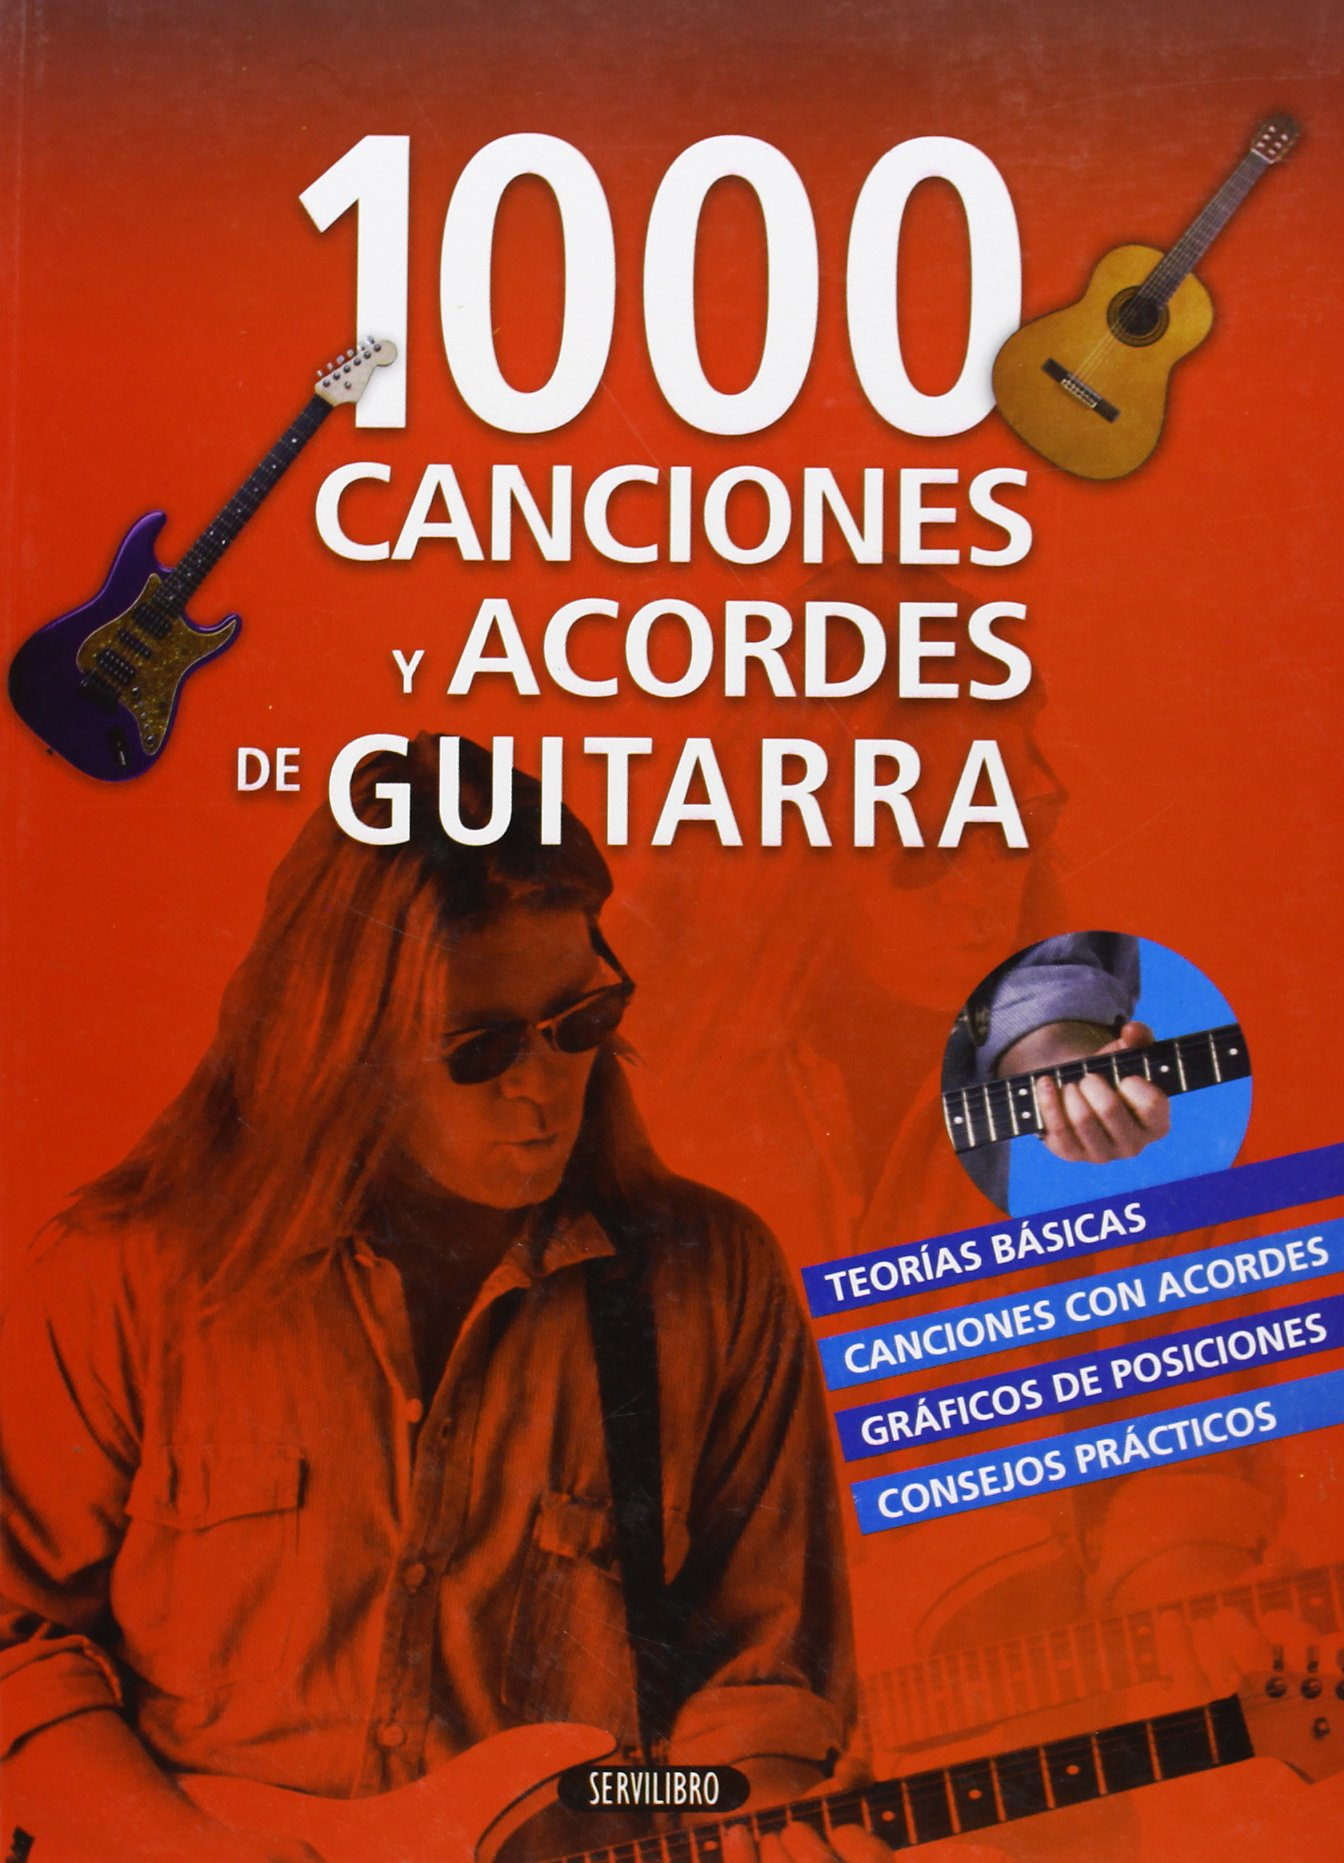 1000 canciones y acordes de guitarra: Amazon.es: Olano, J.: Libros